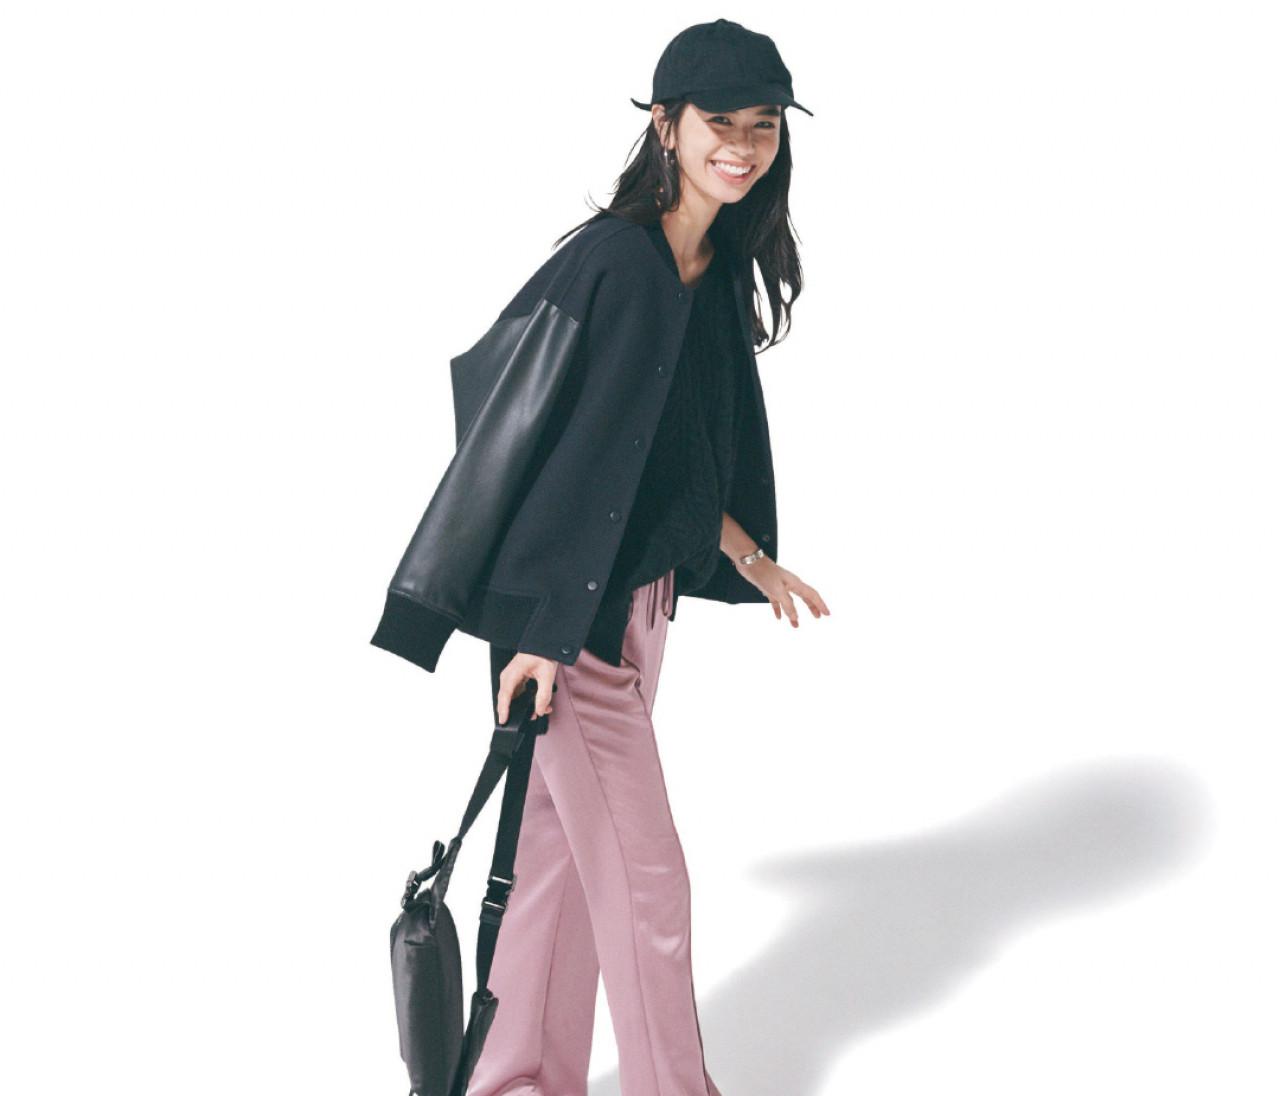 水曜日は、ピンクのサテンパンツで作るクールスタイル【30代今日のコーデ】